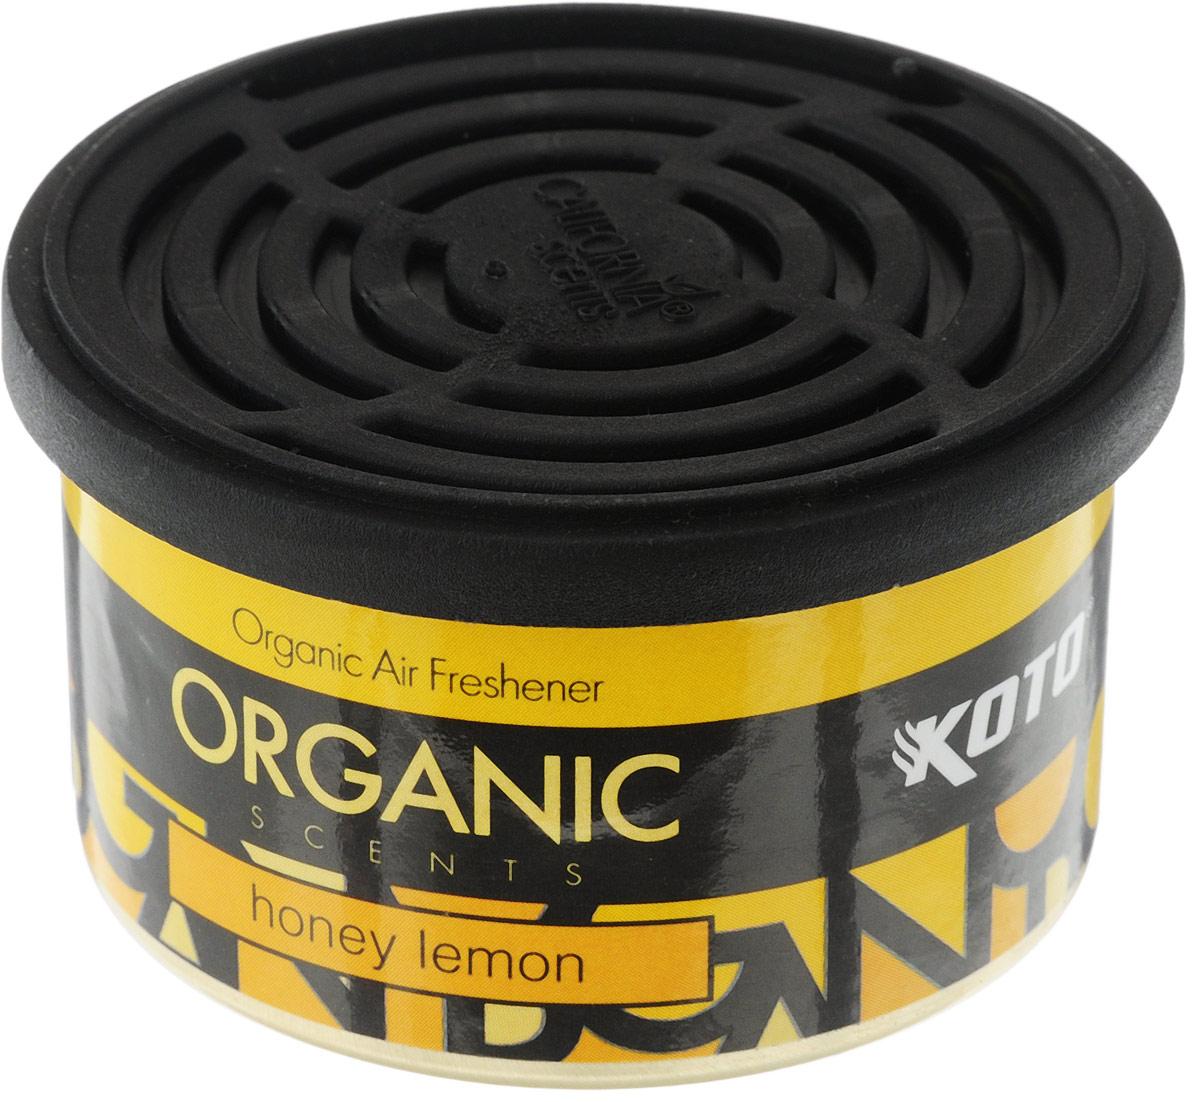 Ароматизатор автомобильный Koto Organic, медовый лимонFPO-106Автомобильный ароматизатор Koto Organic эффективно устраняет неприятные запахи и придает приятный аромат меда и лимона. Внутри - органический наполнитель, который не растекается и не вредит окружающей среде. Ароматизатор имеет удобную крышку-регулятор, так что интенсивность аромата вы сможете настроить сами. Стойкий аромат держится около 60 дней. Ароматизатор может быть расположен как на приборной панели, так и под сиденьем автомобиля. Товар сертифицирован.